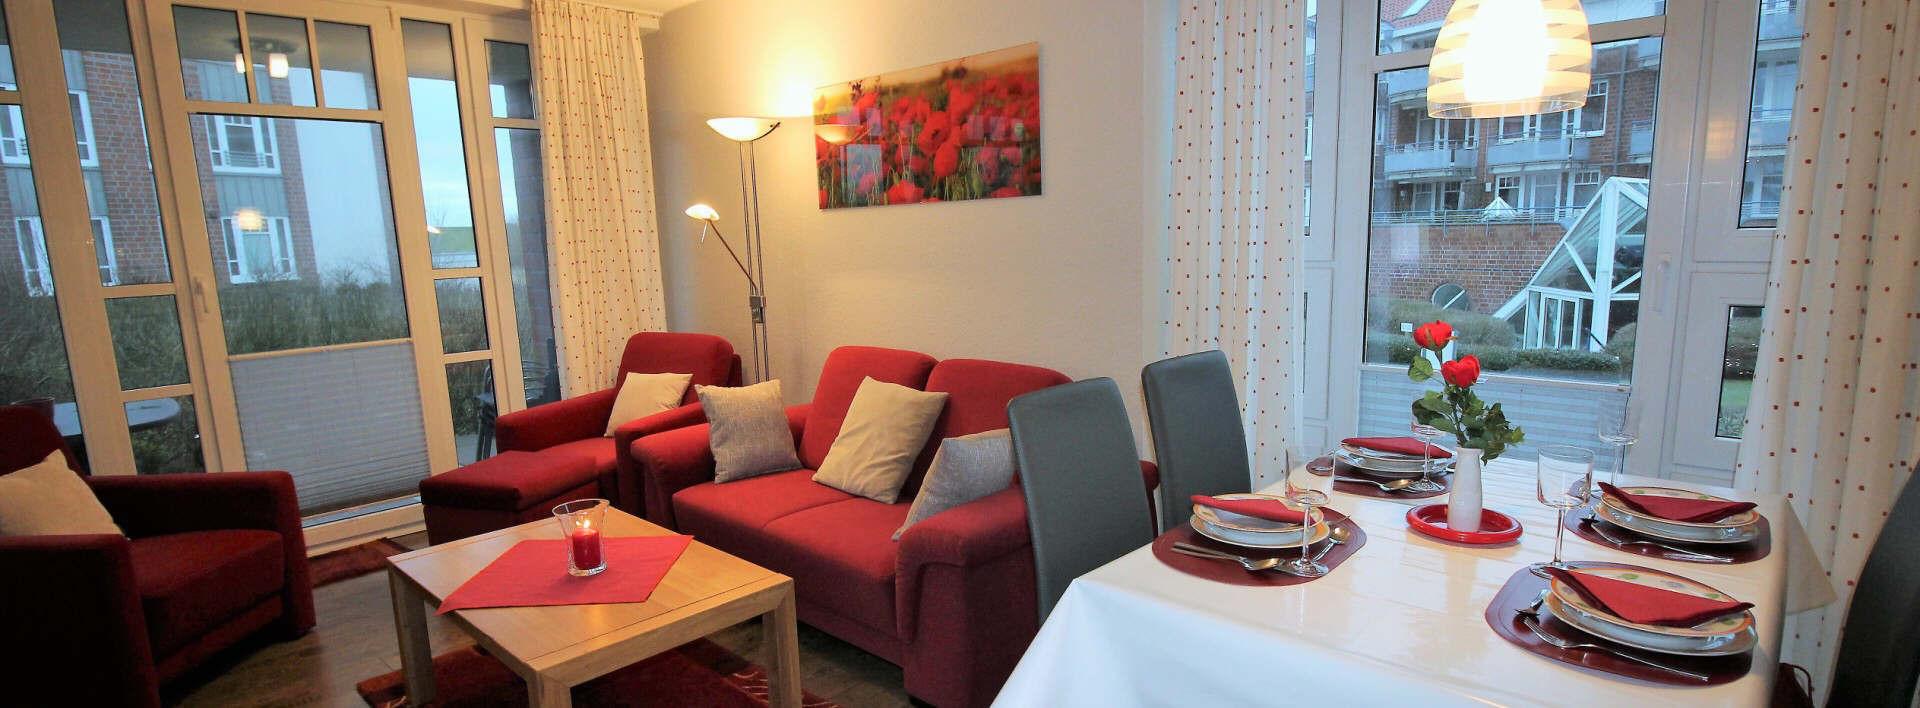 Vitamar Dorum-neufeld, schöne ferienwohnungen z.B. dat Schott mit Hallenbadnutzung